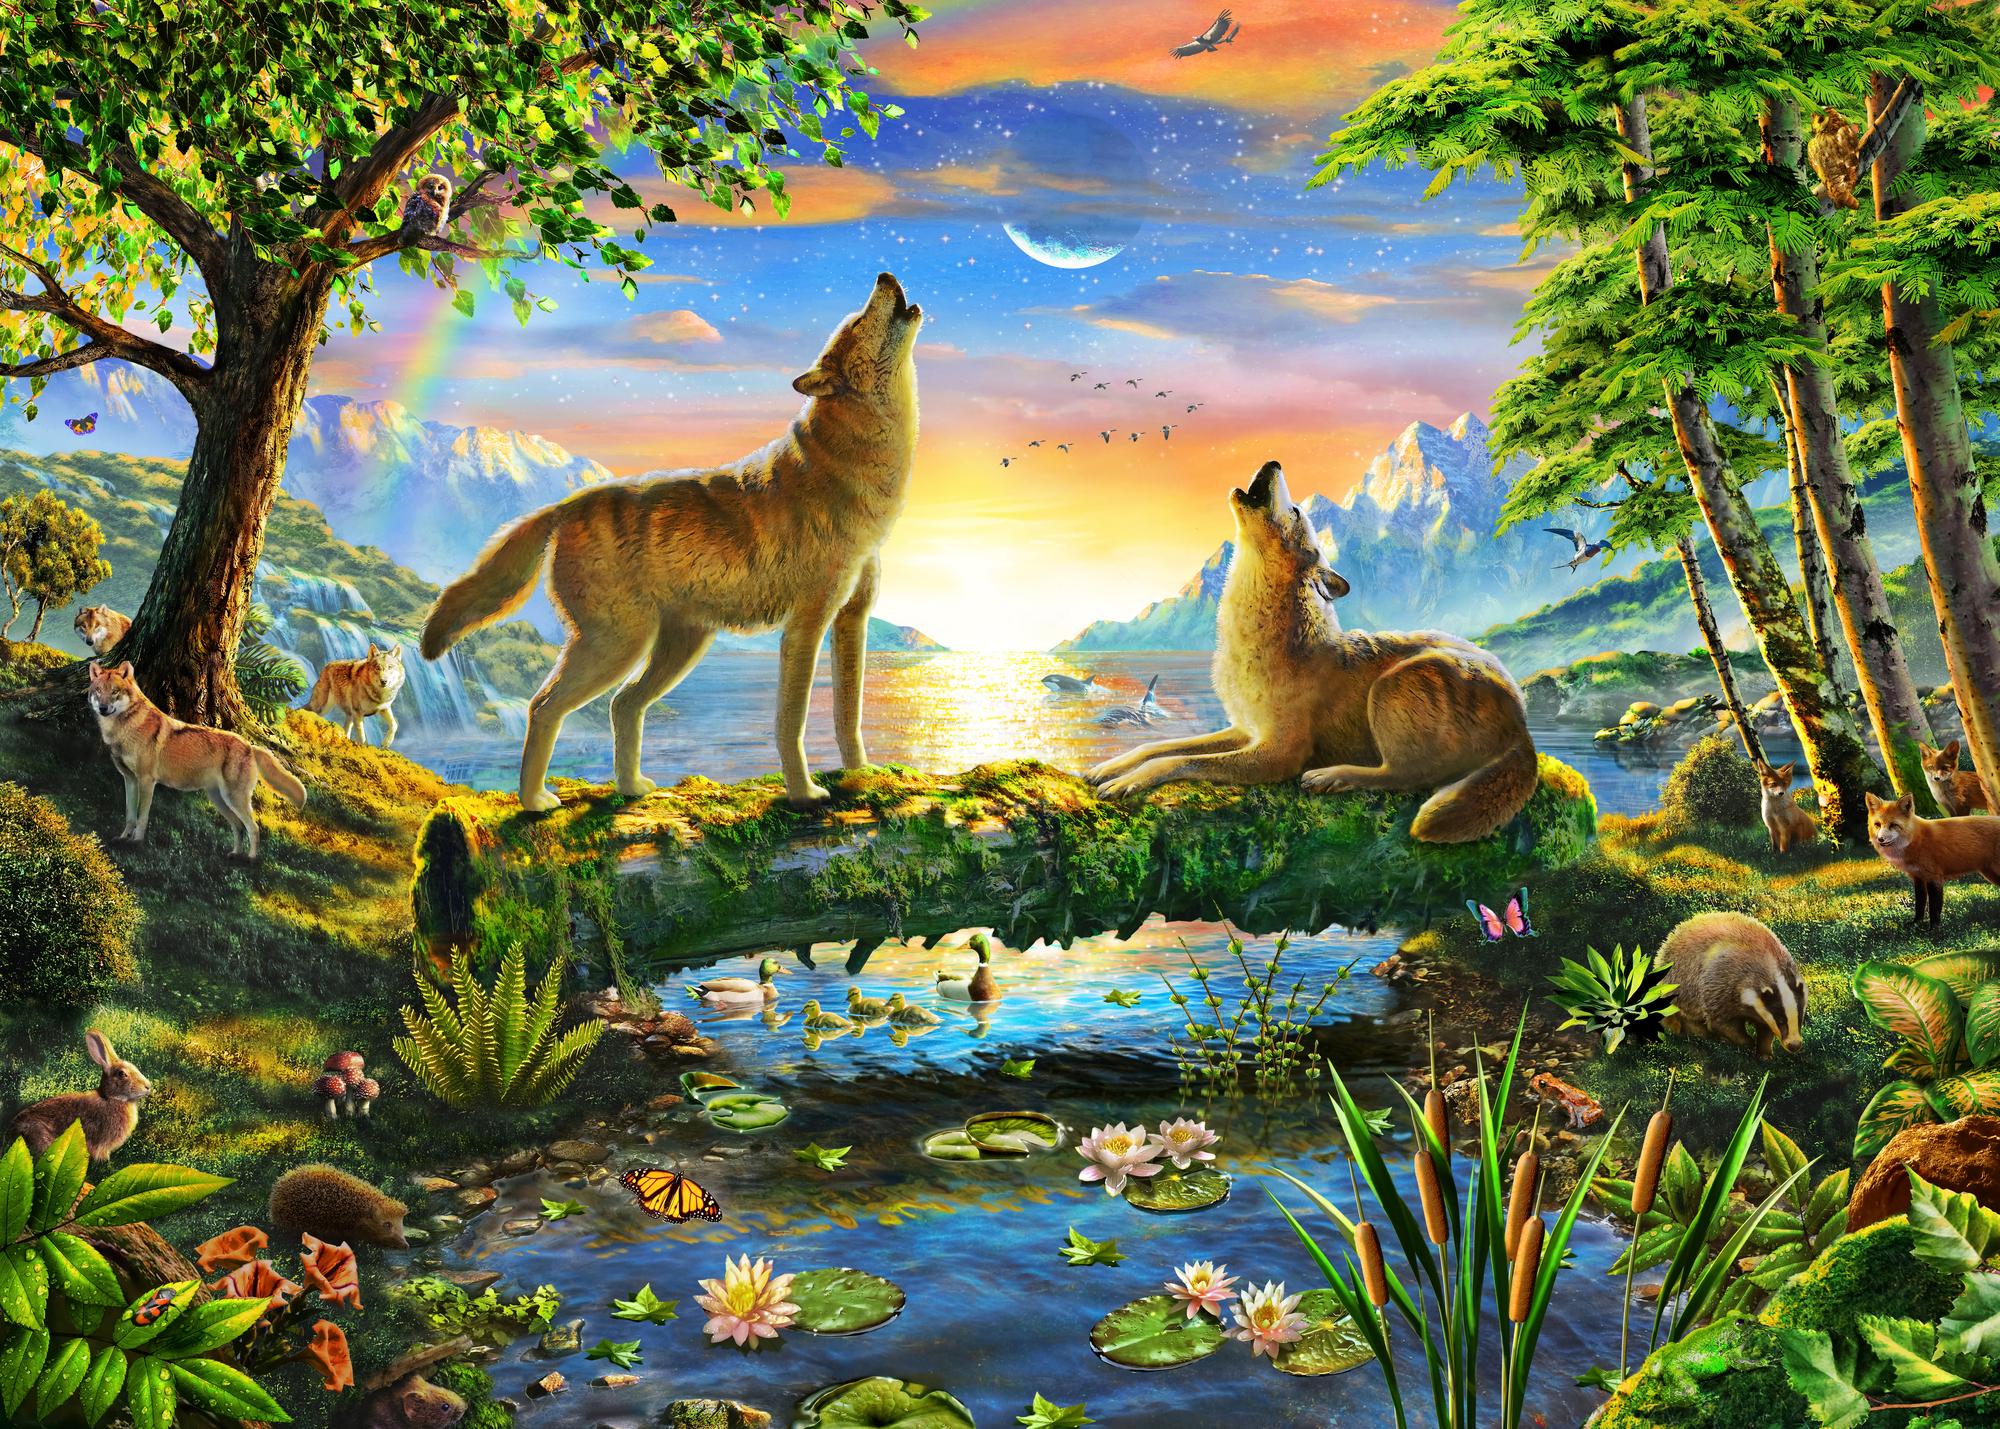 Wolf Harmony Wall Mural